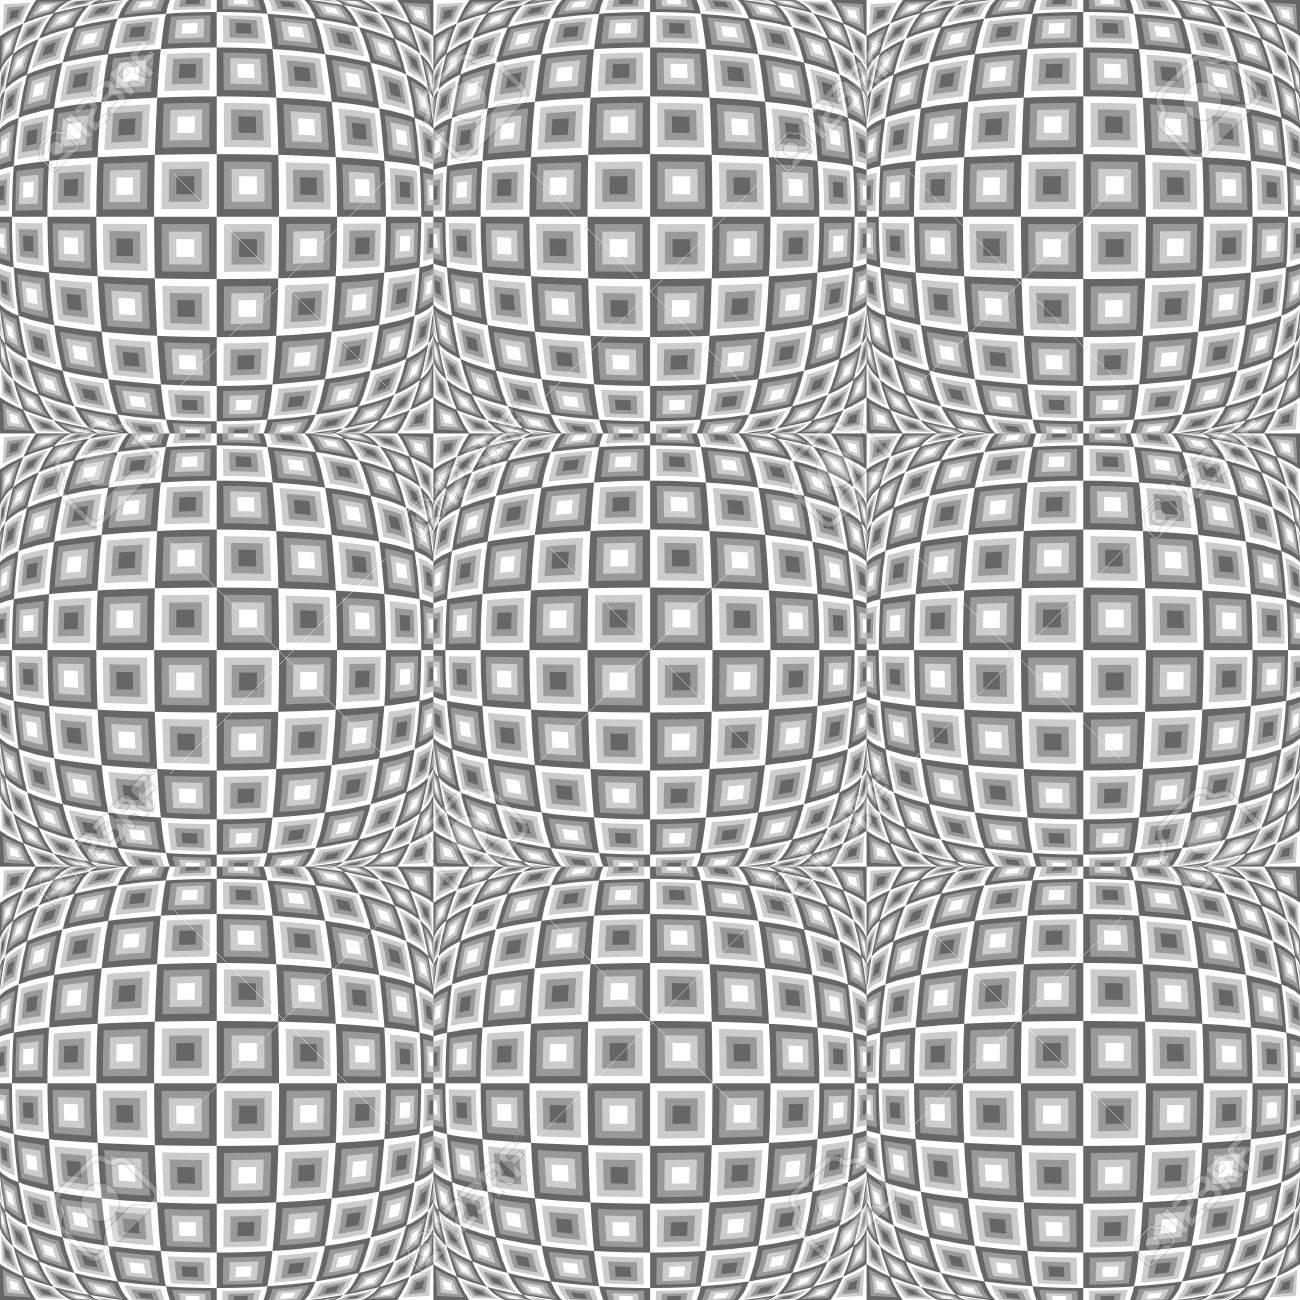 Vettoriale Disegno Senza Soluzione Di Continuità In Bianco E Nero